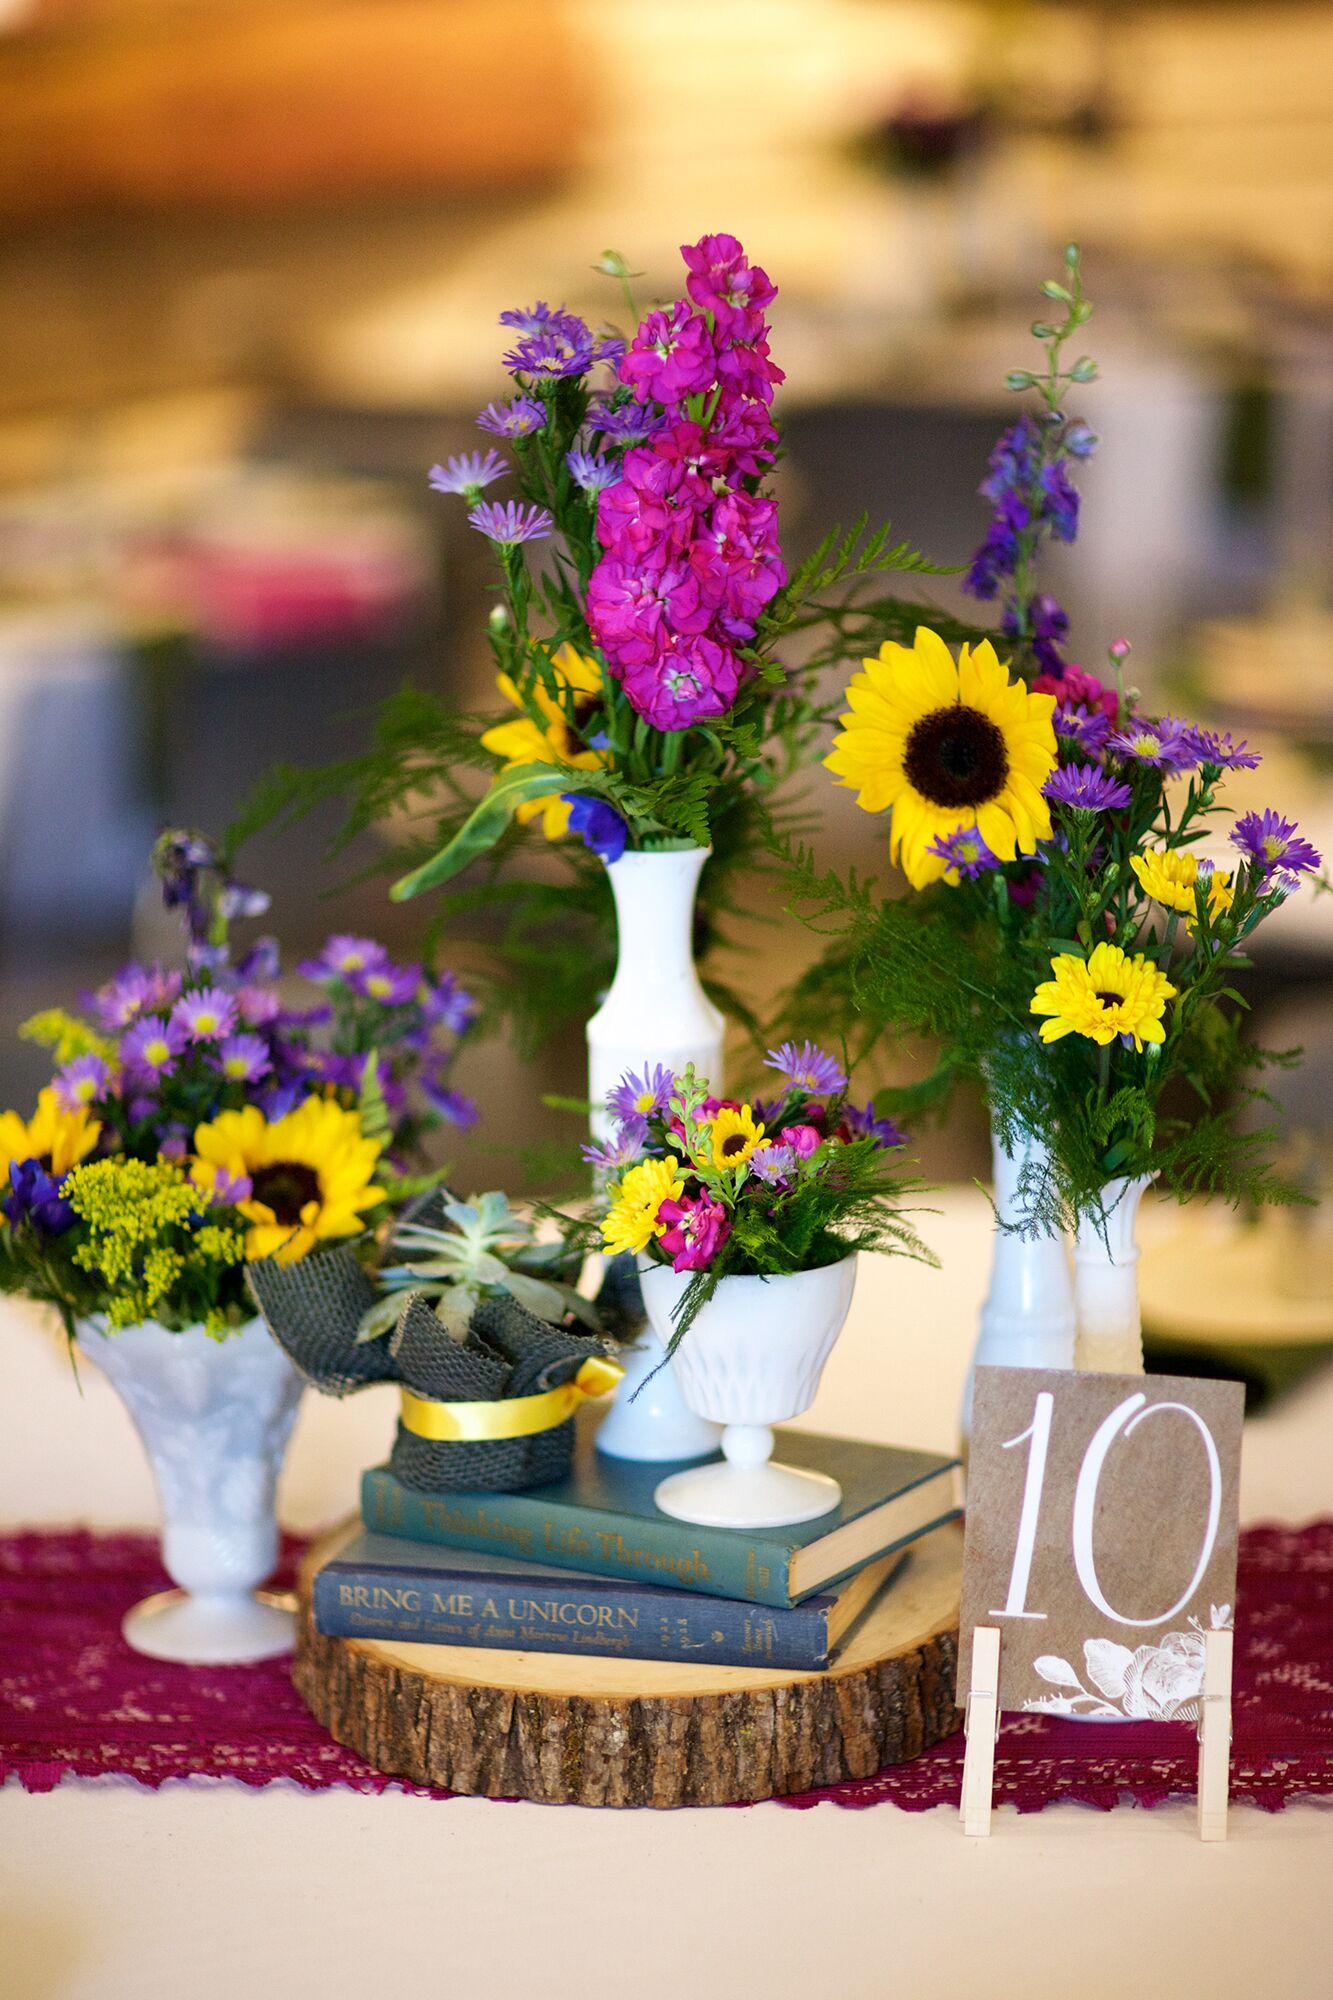 Vintage Book Milk Glass Sunflower Wedding Centerpieces